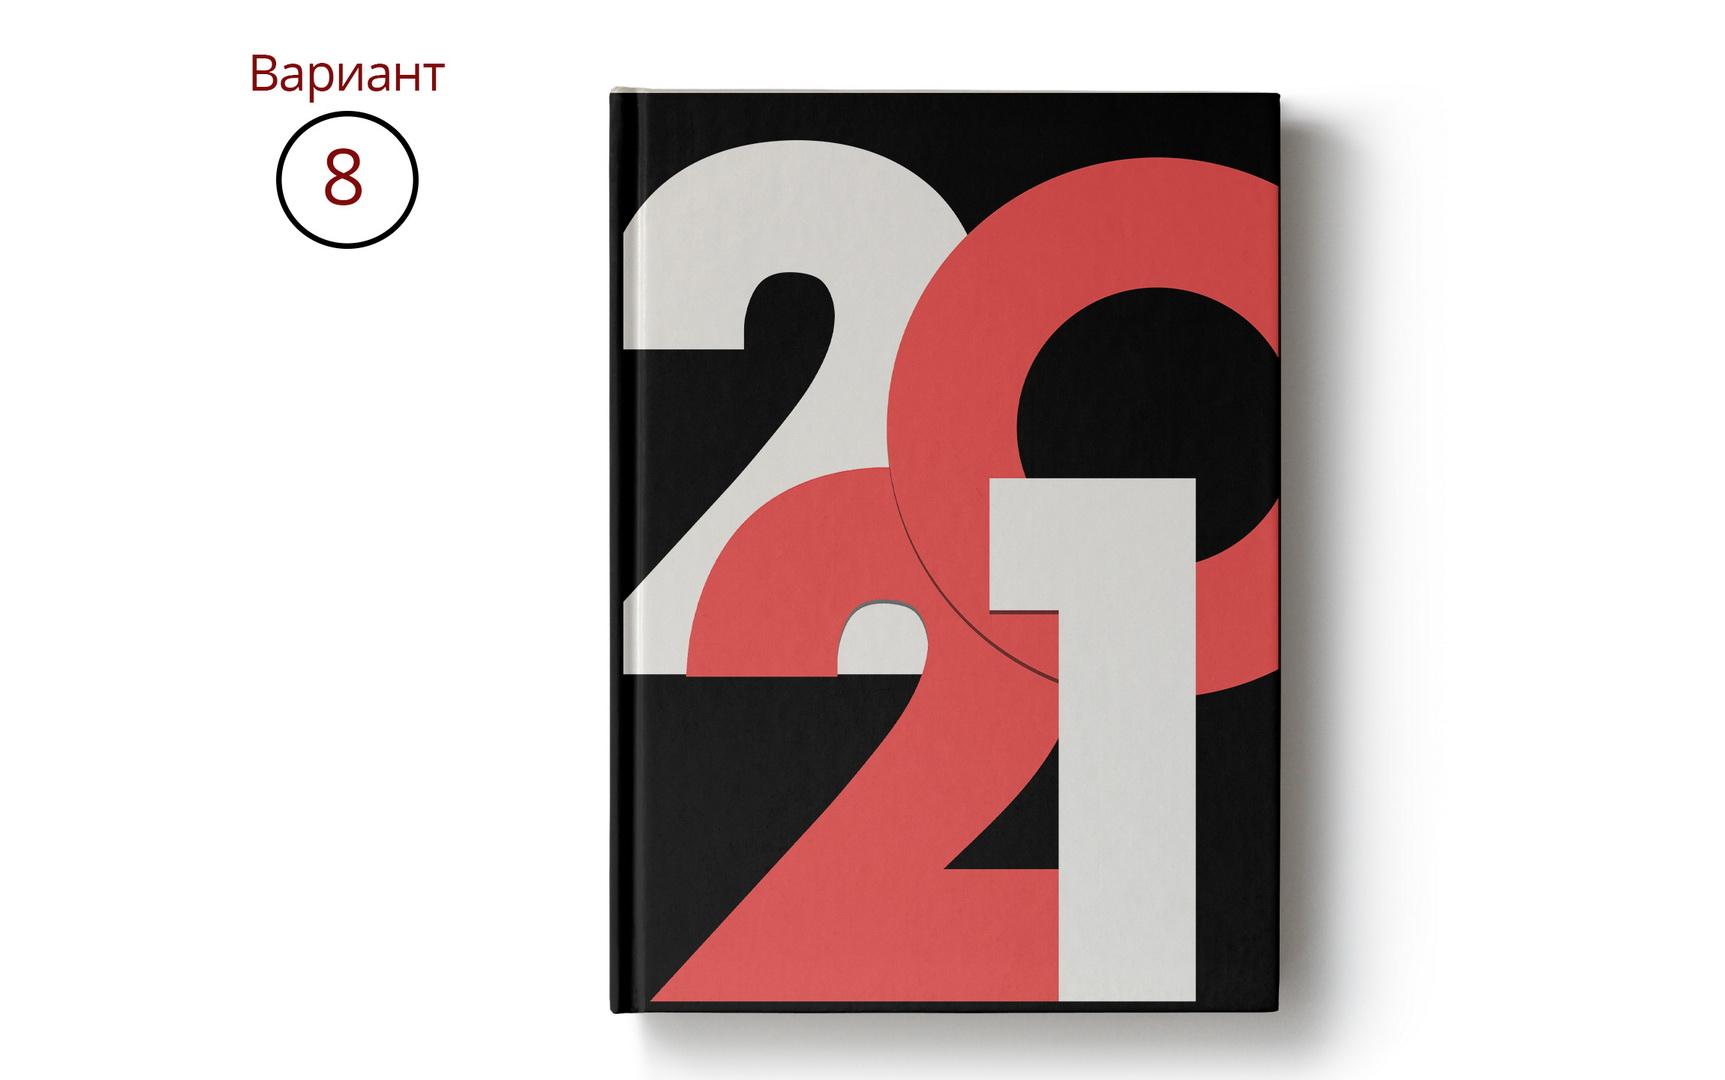 Обложка для выпускного альбома 8